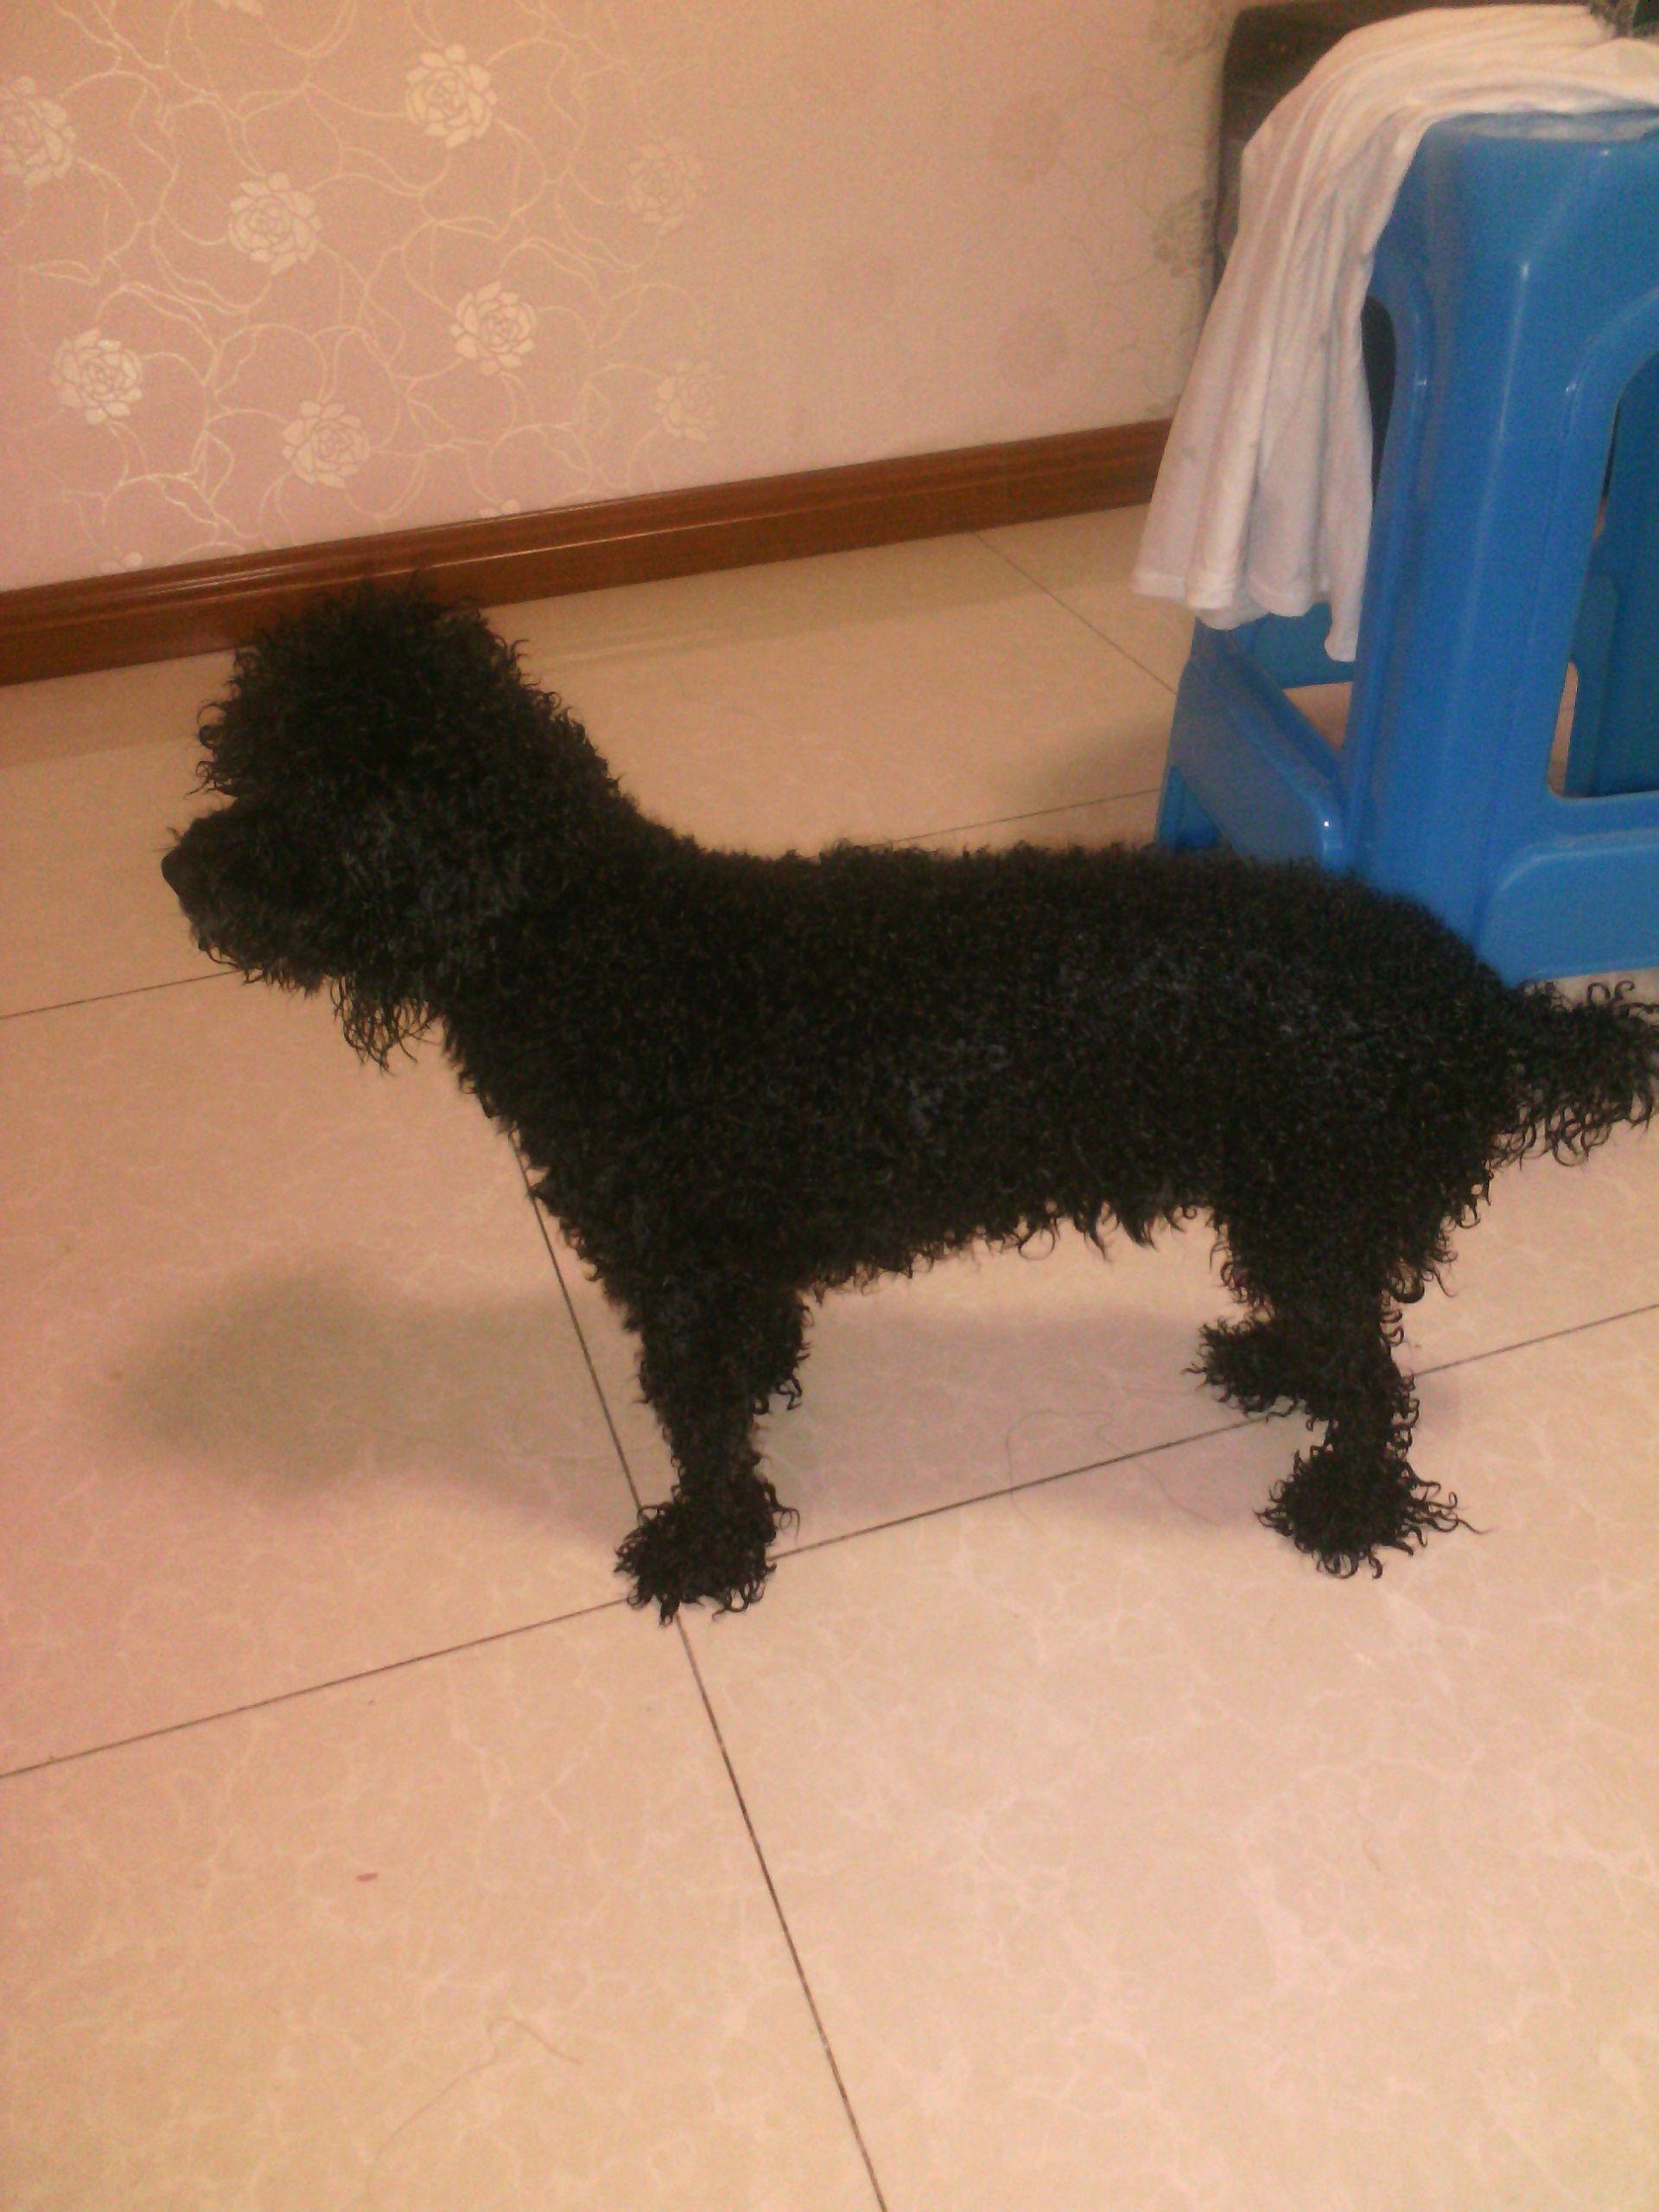 黑色卷毛狗是什么品种